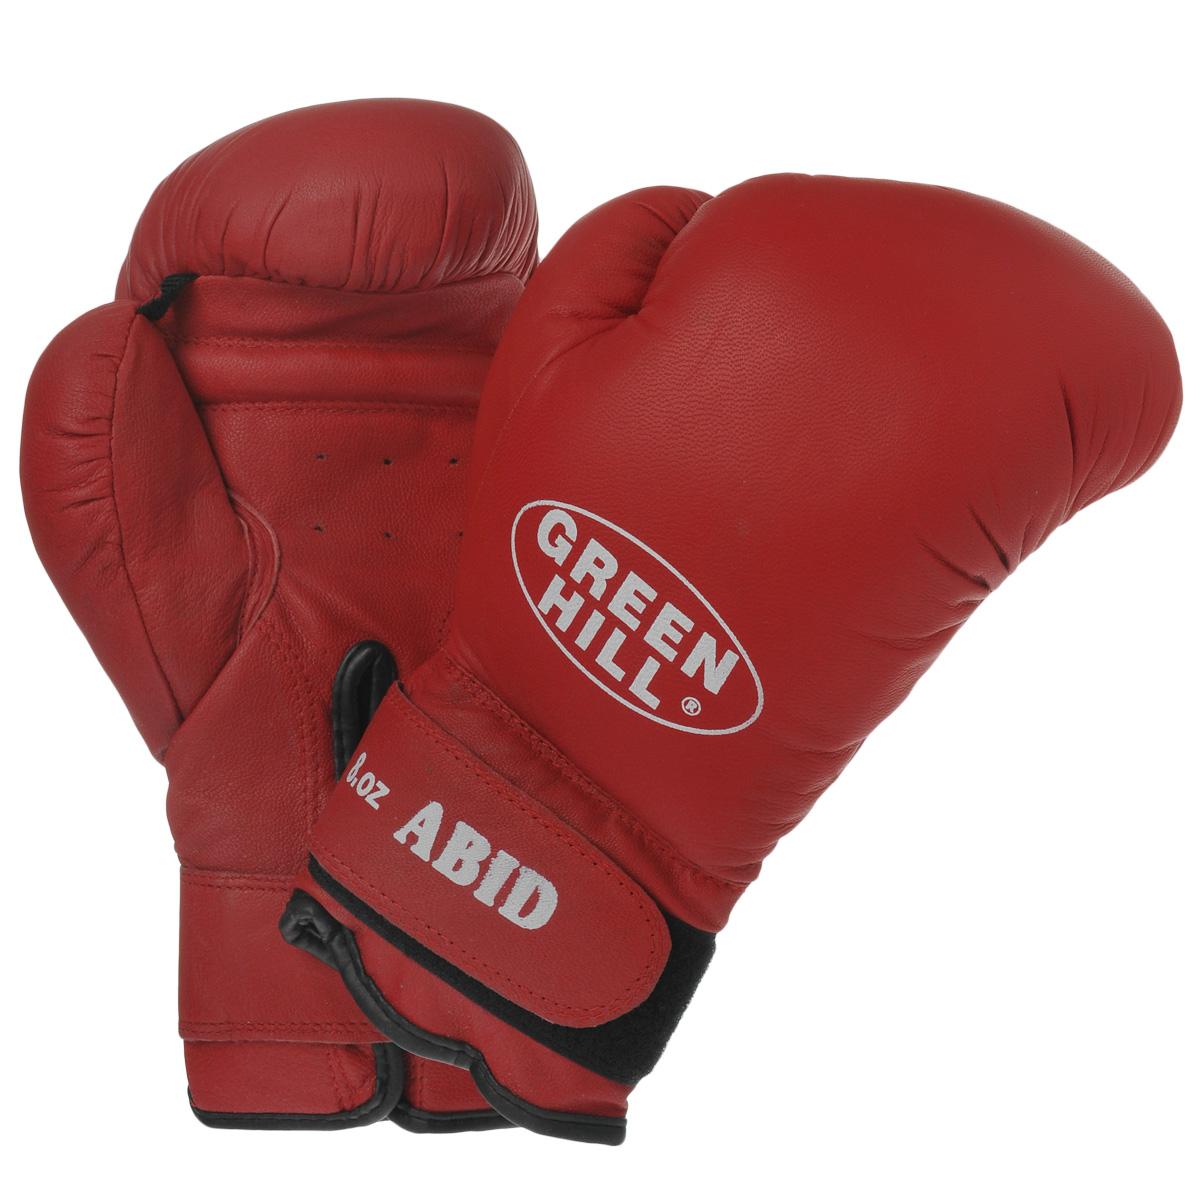 Перчатки боксерские Green Hill Abid, цвет: красный. Вес 8 унцийAIRWHEEL M3-162.8Боксерские тренировочные перчатки Green Hill Abid выполнены из натуральной кожи. Они отлично подойдут для начинающих спортсменов. Мягкий наполнитель из очеса предотвращает любые травмы. Широкий ремень, охватывая запястье, полностью оборачивается вокруг манжеты, благодаря чему создается дополнительная защита лучезапястного сустава от травмирования. Застежка на липучке способствует быстрому и удобному одеванию перчаток, плотно фиксирует перчатки на руке.